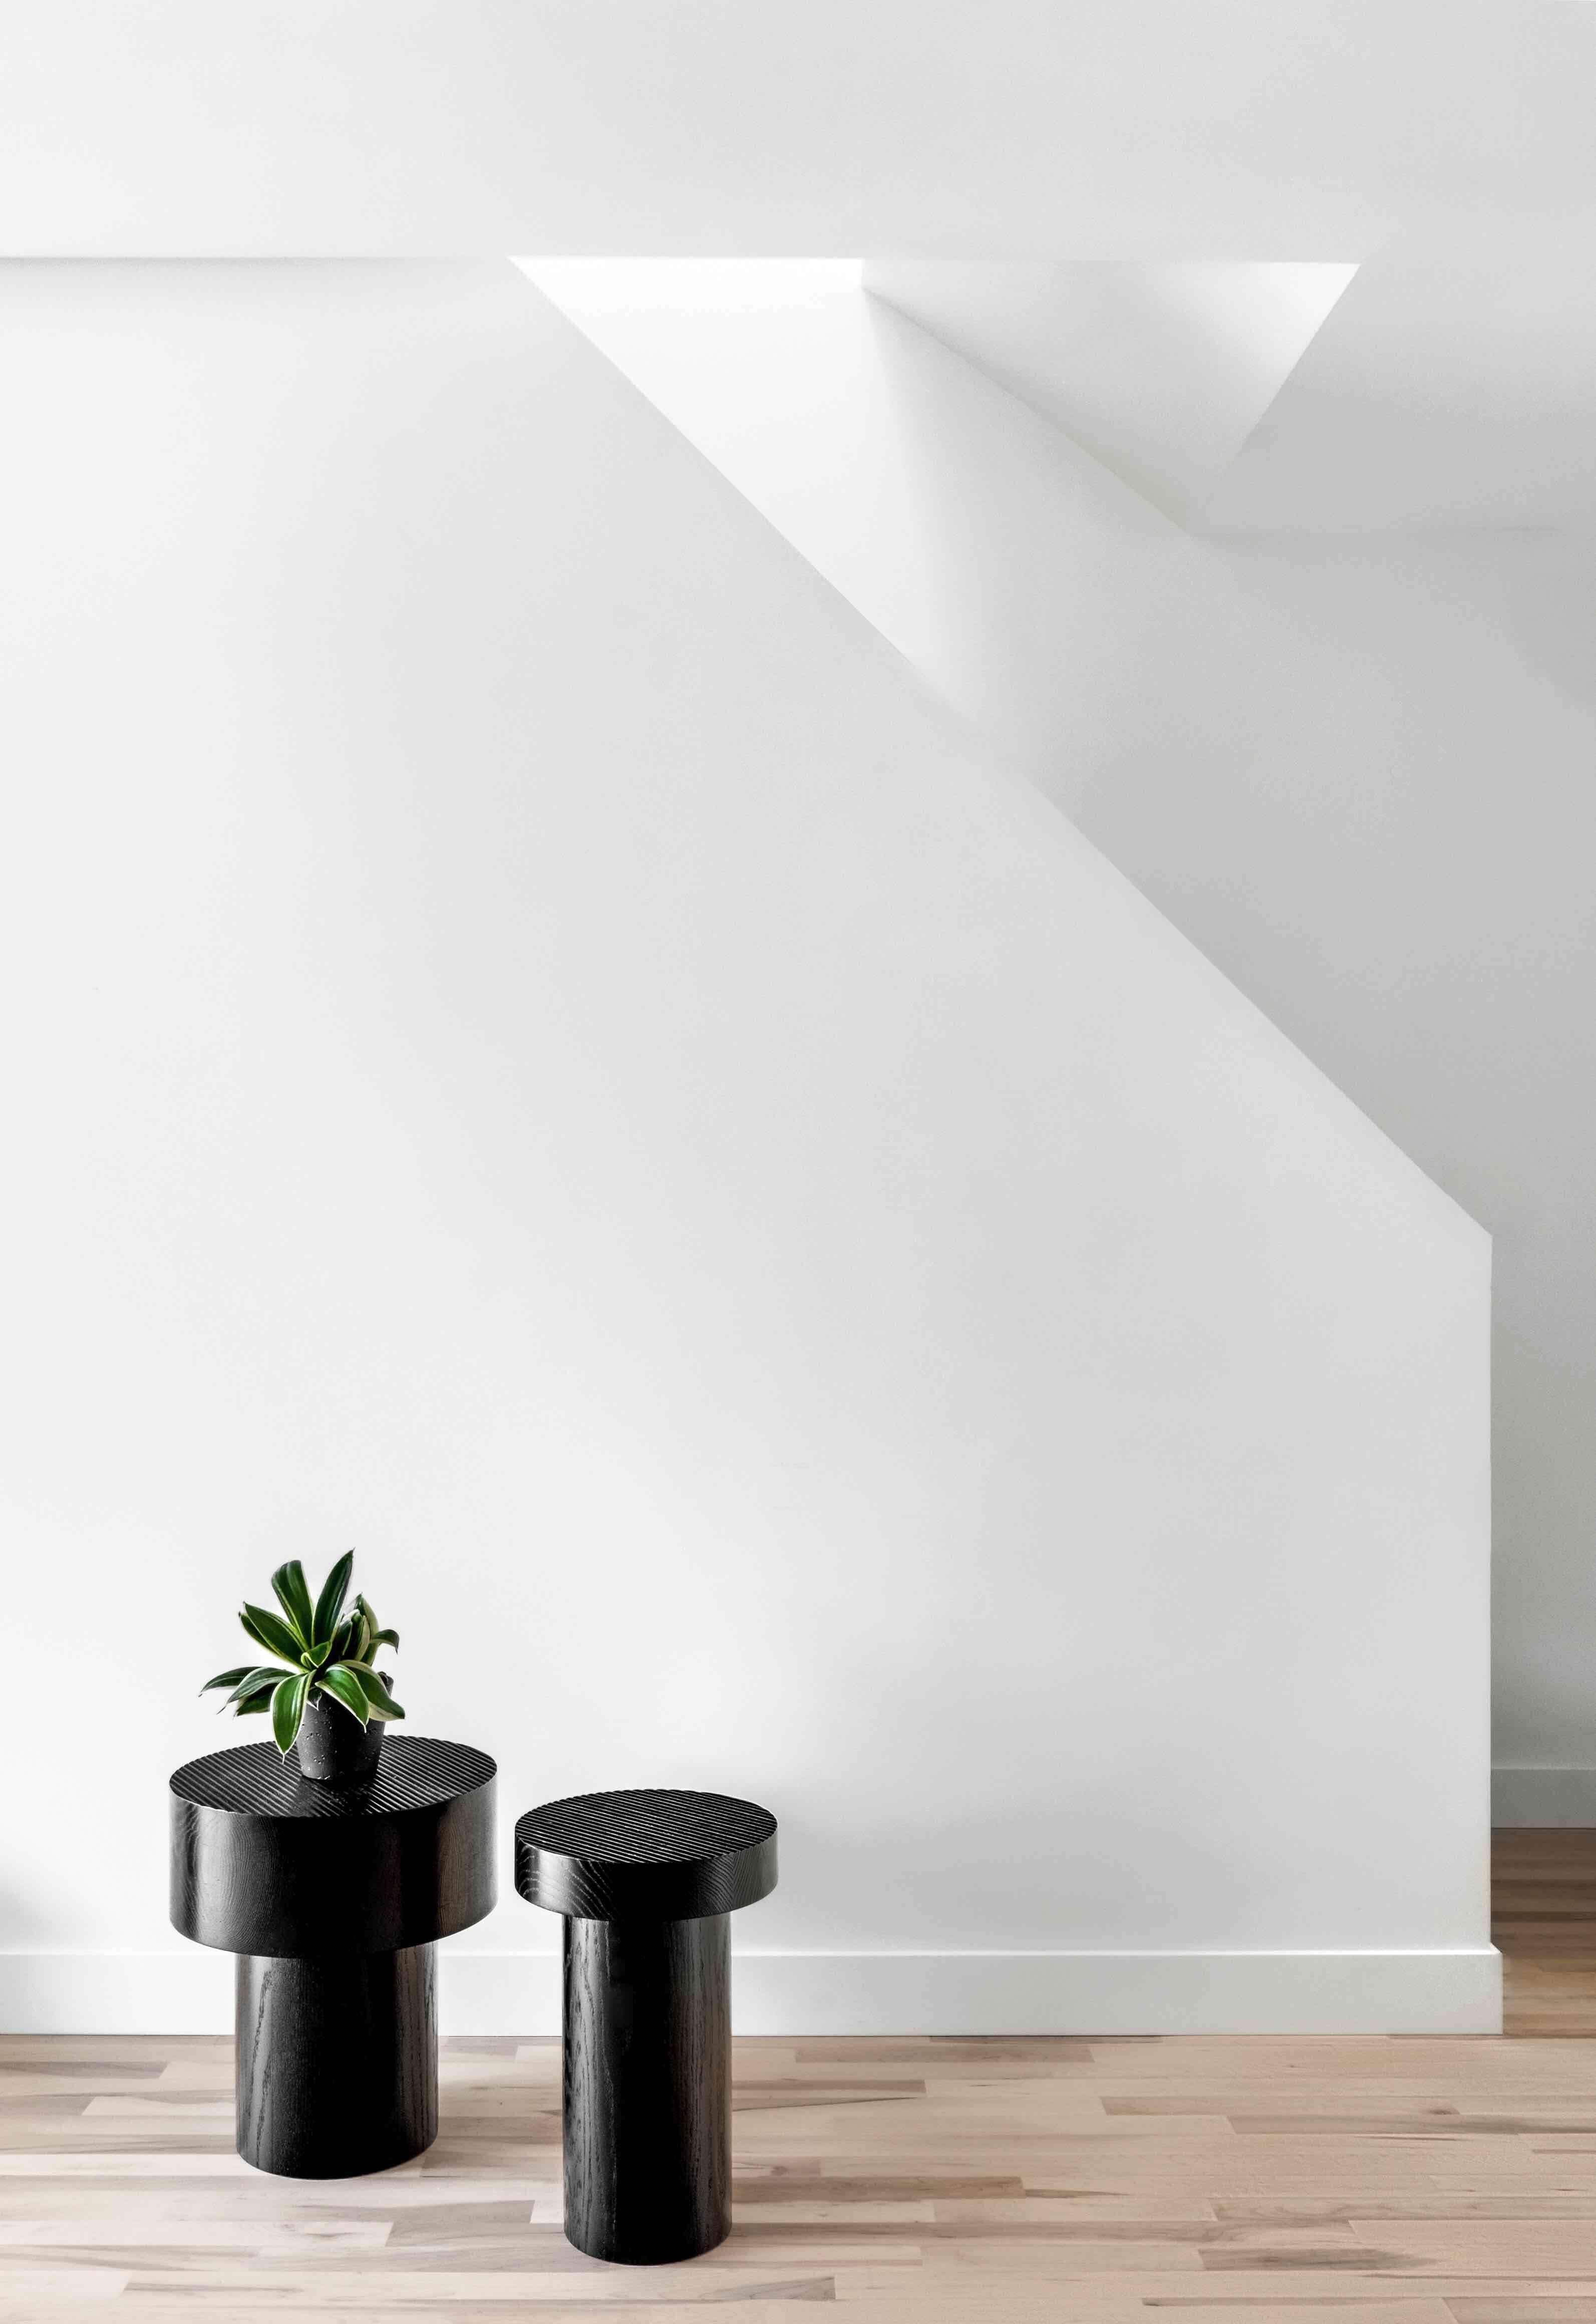 est living designer profile kim pariseau appareil architecture saint andre 2